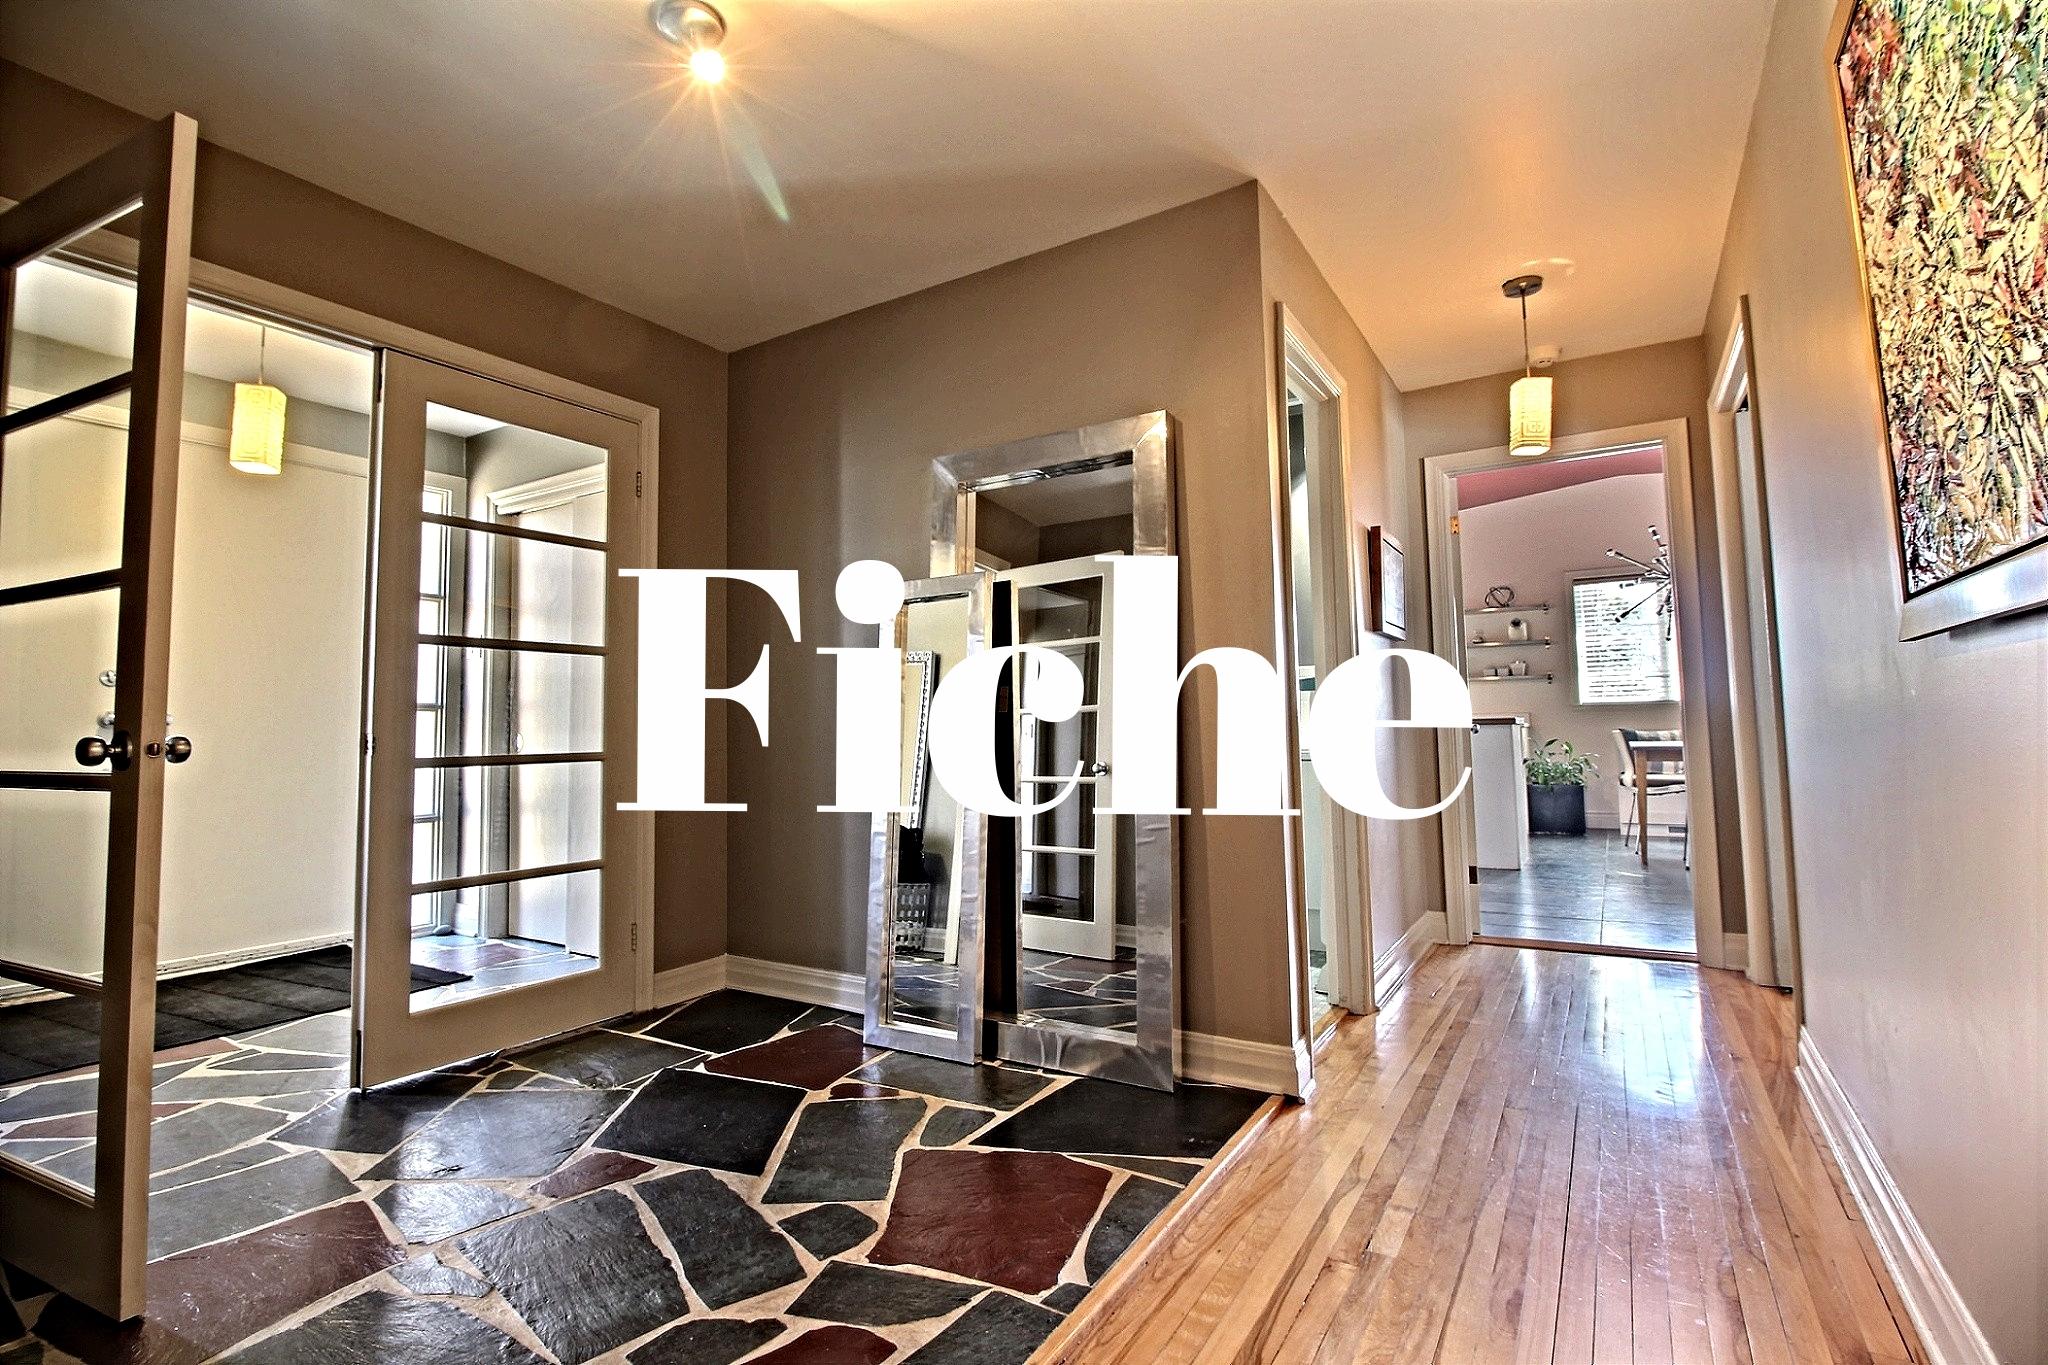 Maison à vendre Québec secteur St-Louis 3018 Rue de la Promenade (32).jpg